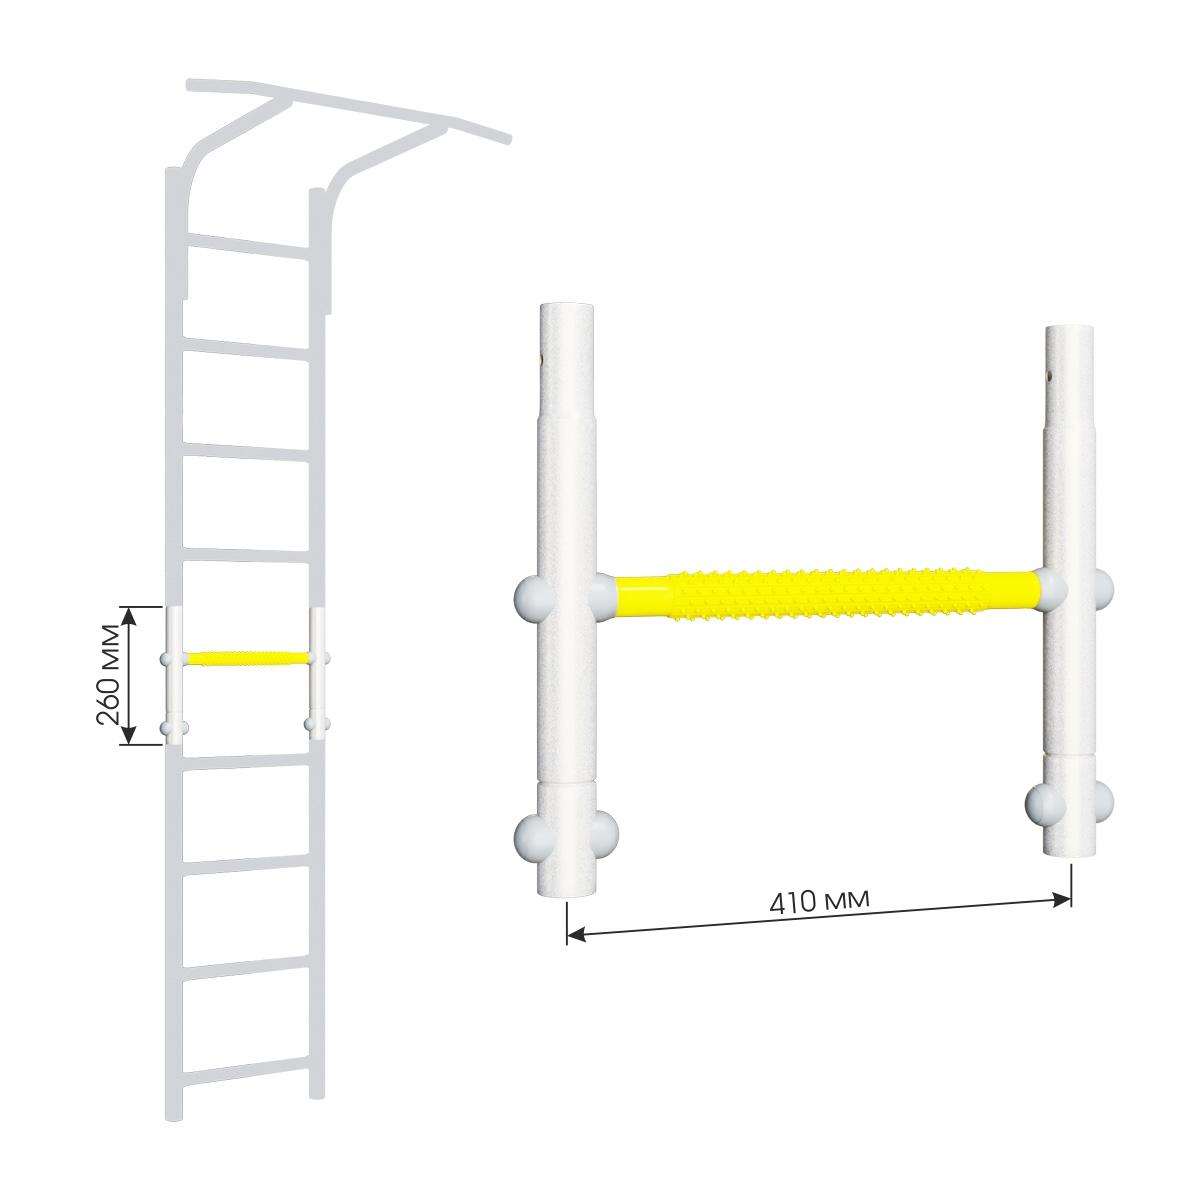 Вставка для увеличения высоты ДСКМ 410 Romana Dop8 (6.06.00) белый прованс/жёлтый